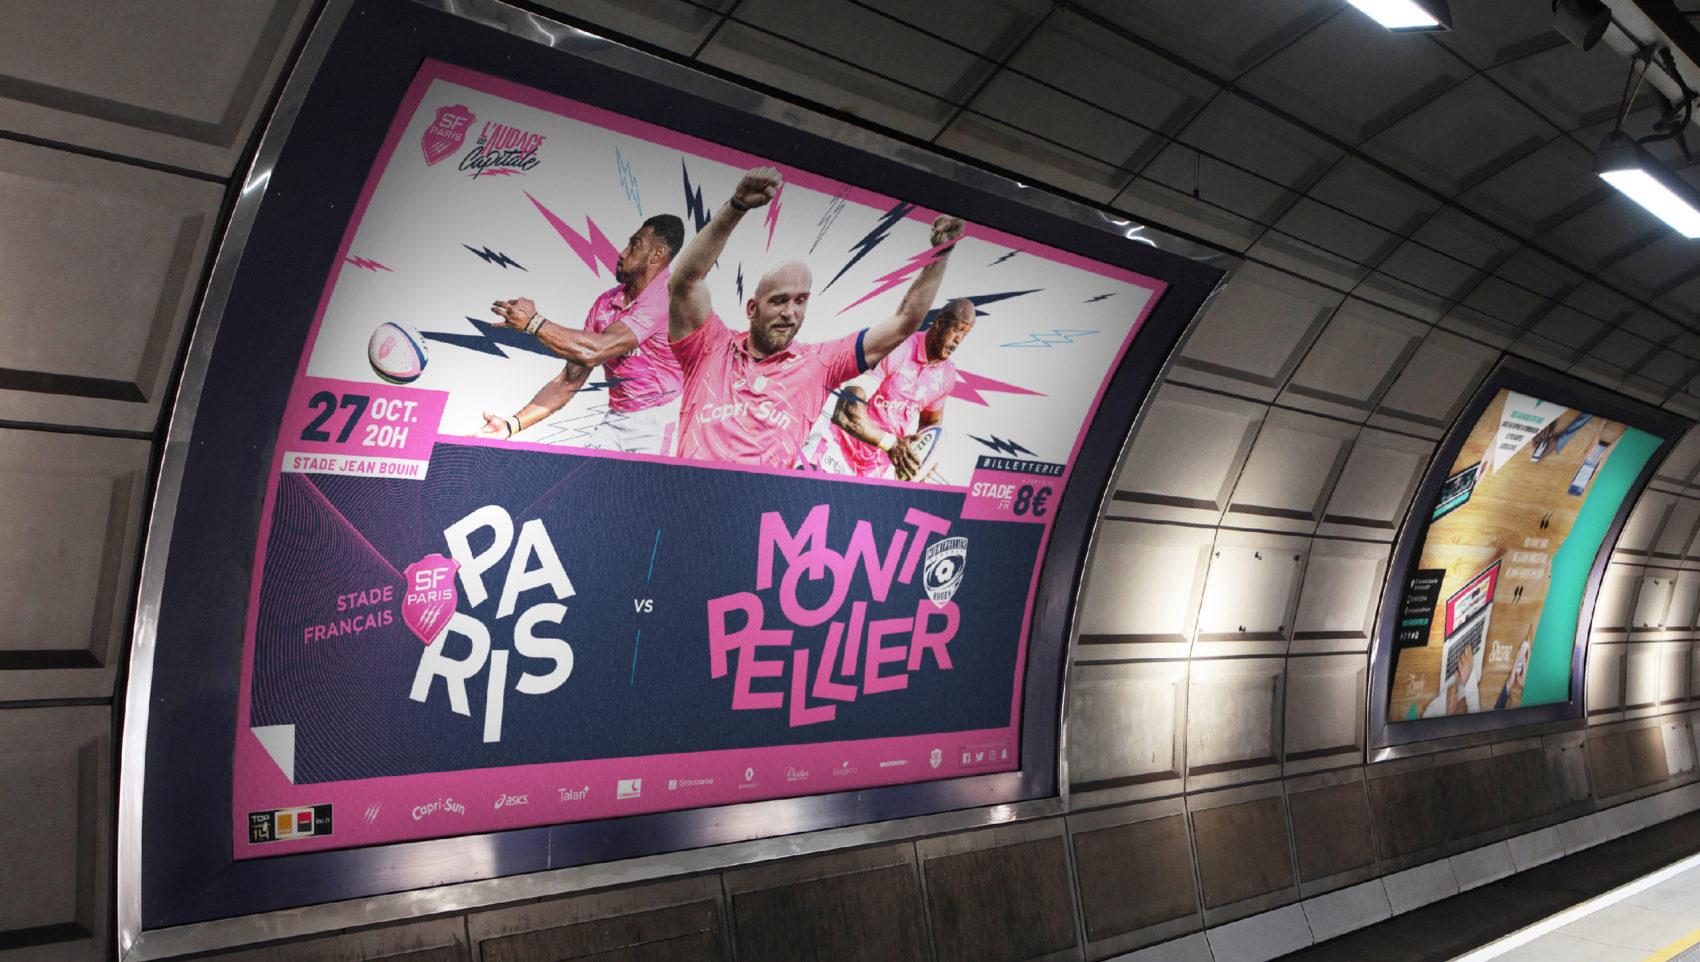 Projet_07_stade_francais_paris_stade_jean_bouin_2018_l_audace_est_capitale